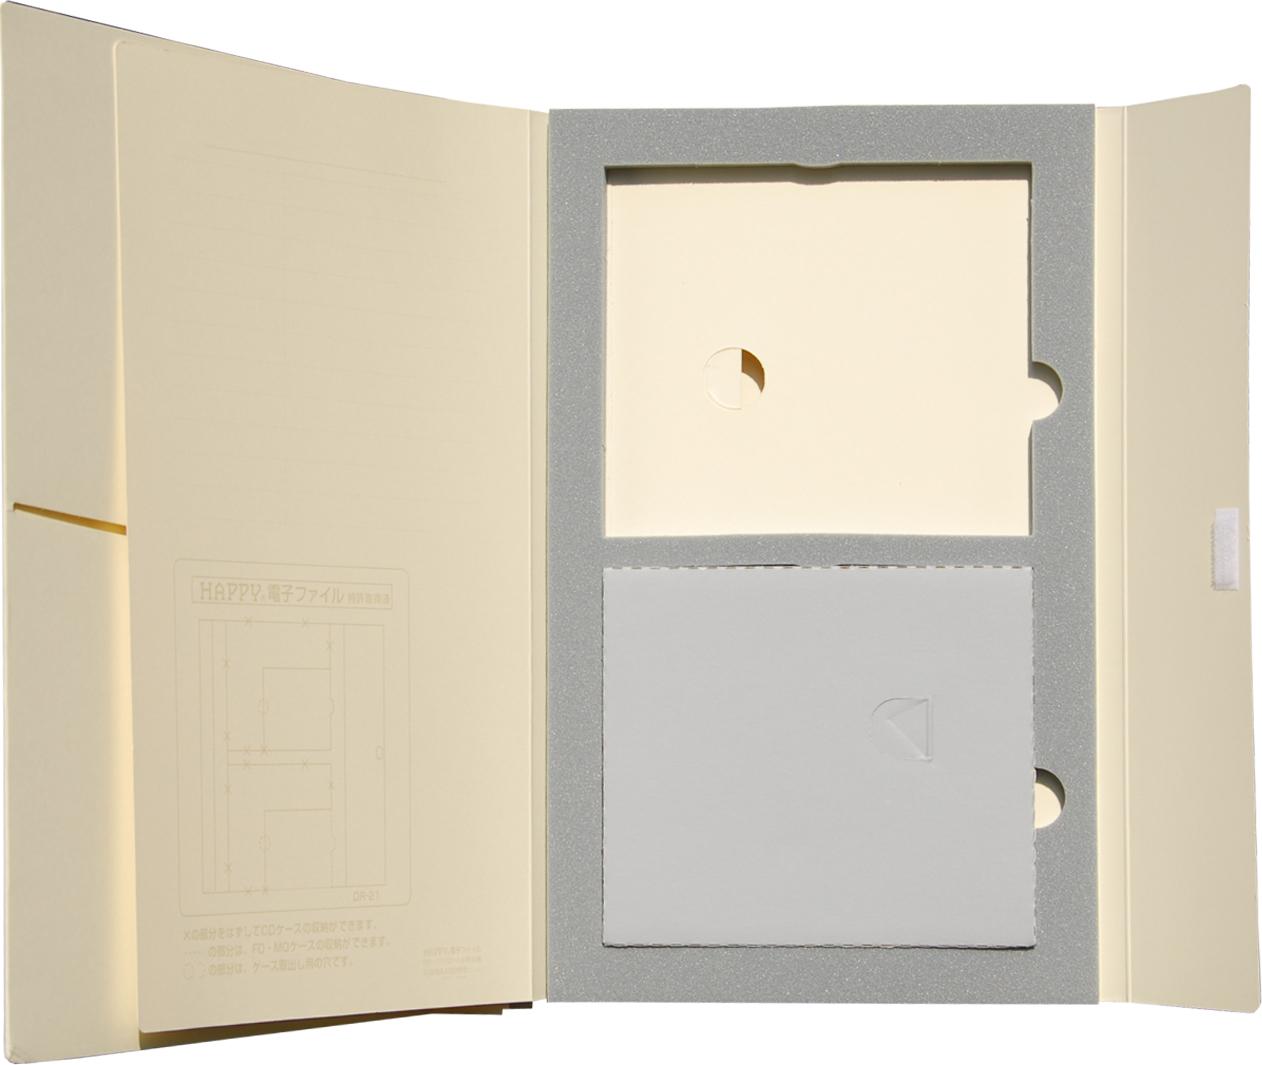 ハッピー電子ファイル FR-20(A4ファイル&リファイル台紙セット品)